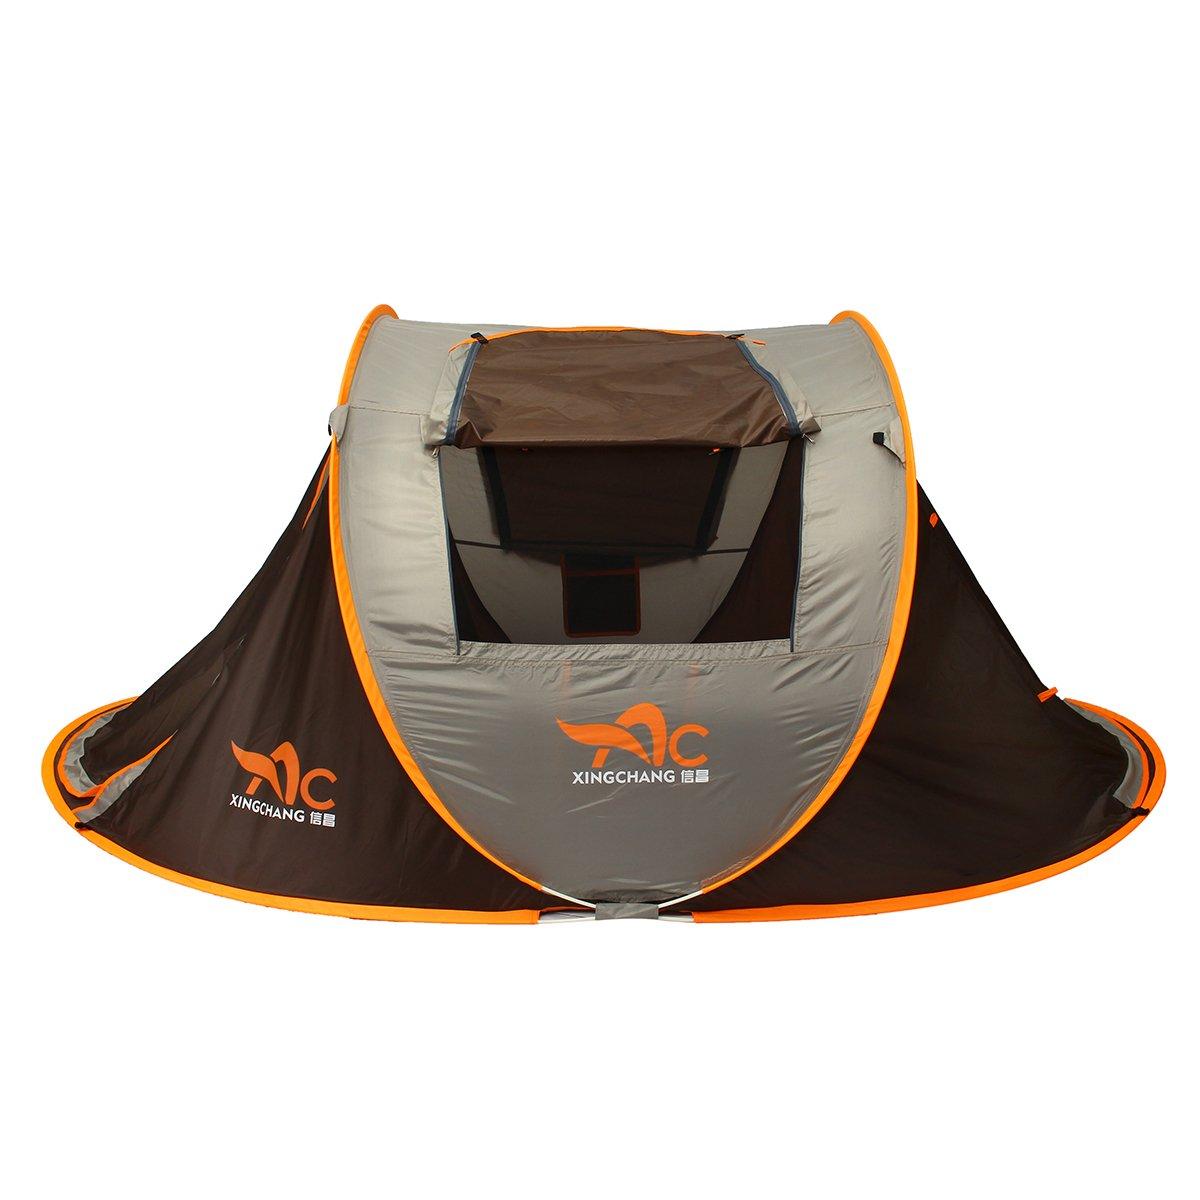 Plat Firm Outdoor 3-4 Personen Camping Zelt Automatisch Offen regenfest einlagig Sonnenschutz